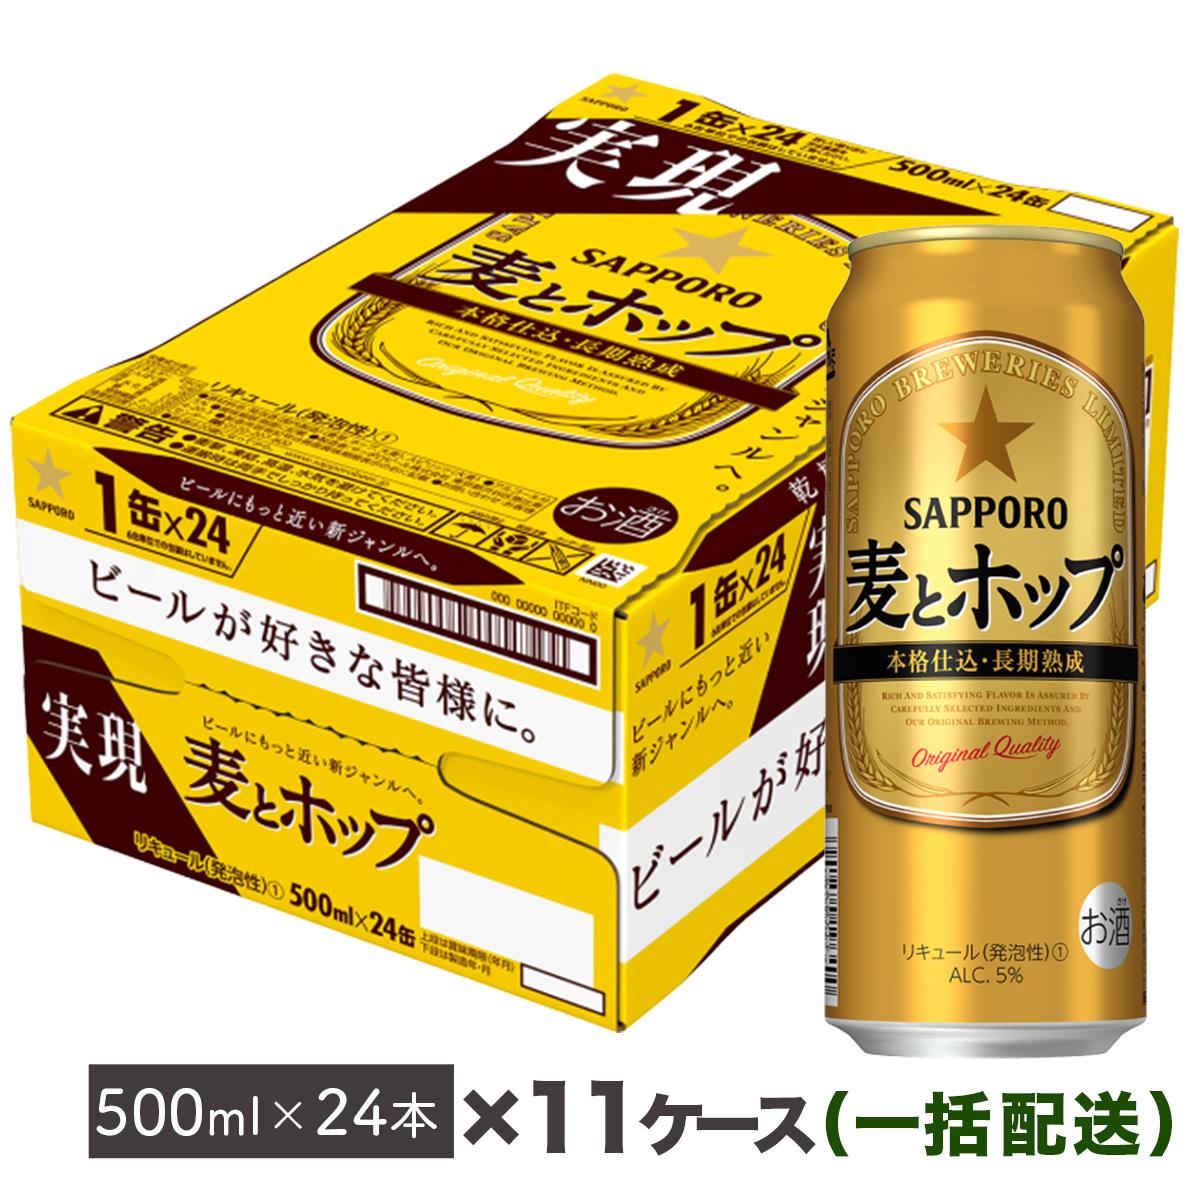 【ふるさと納税】地元名取生産 麦とホップ 500ml 24本 11箱お届け(同時お届け)